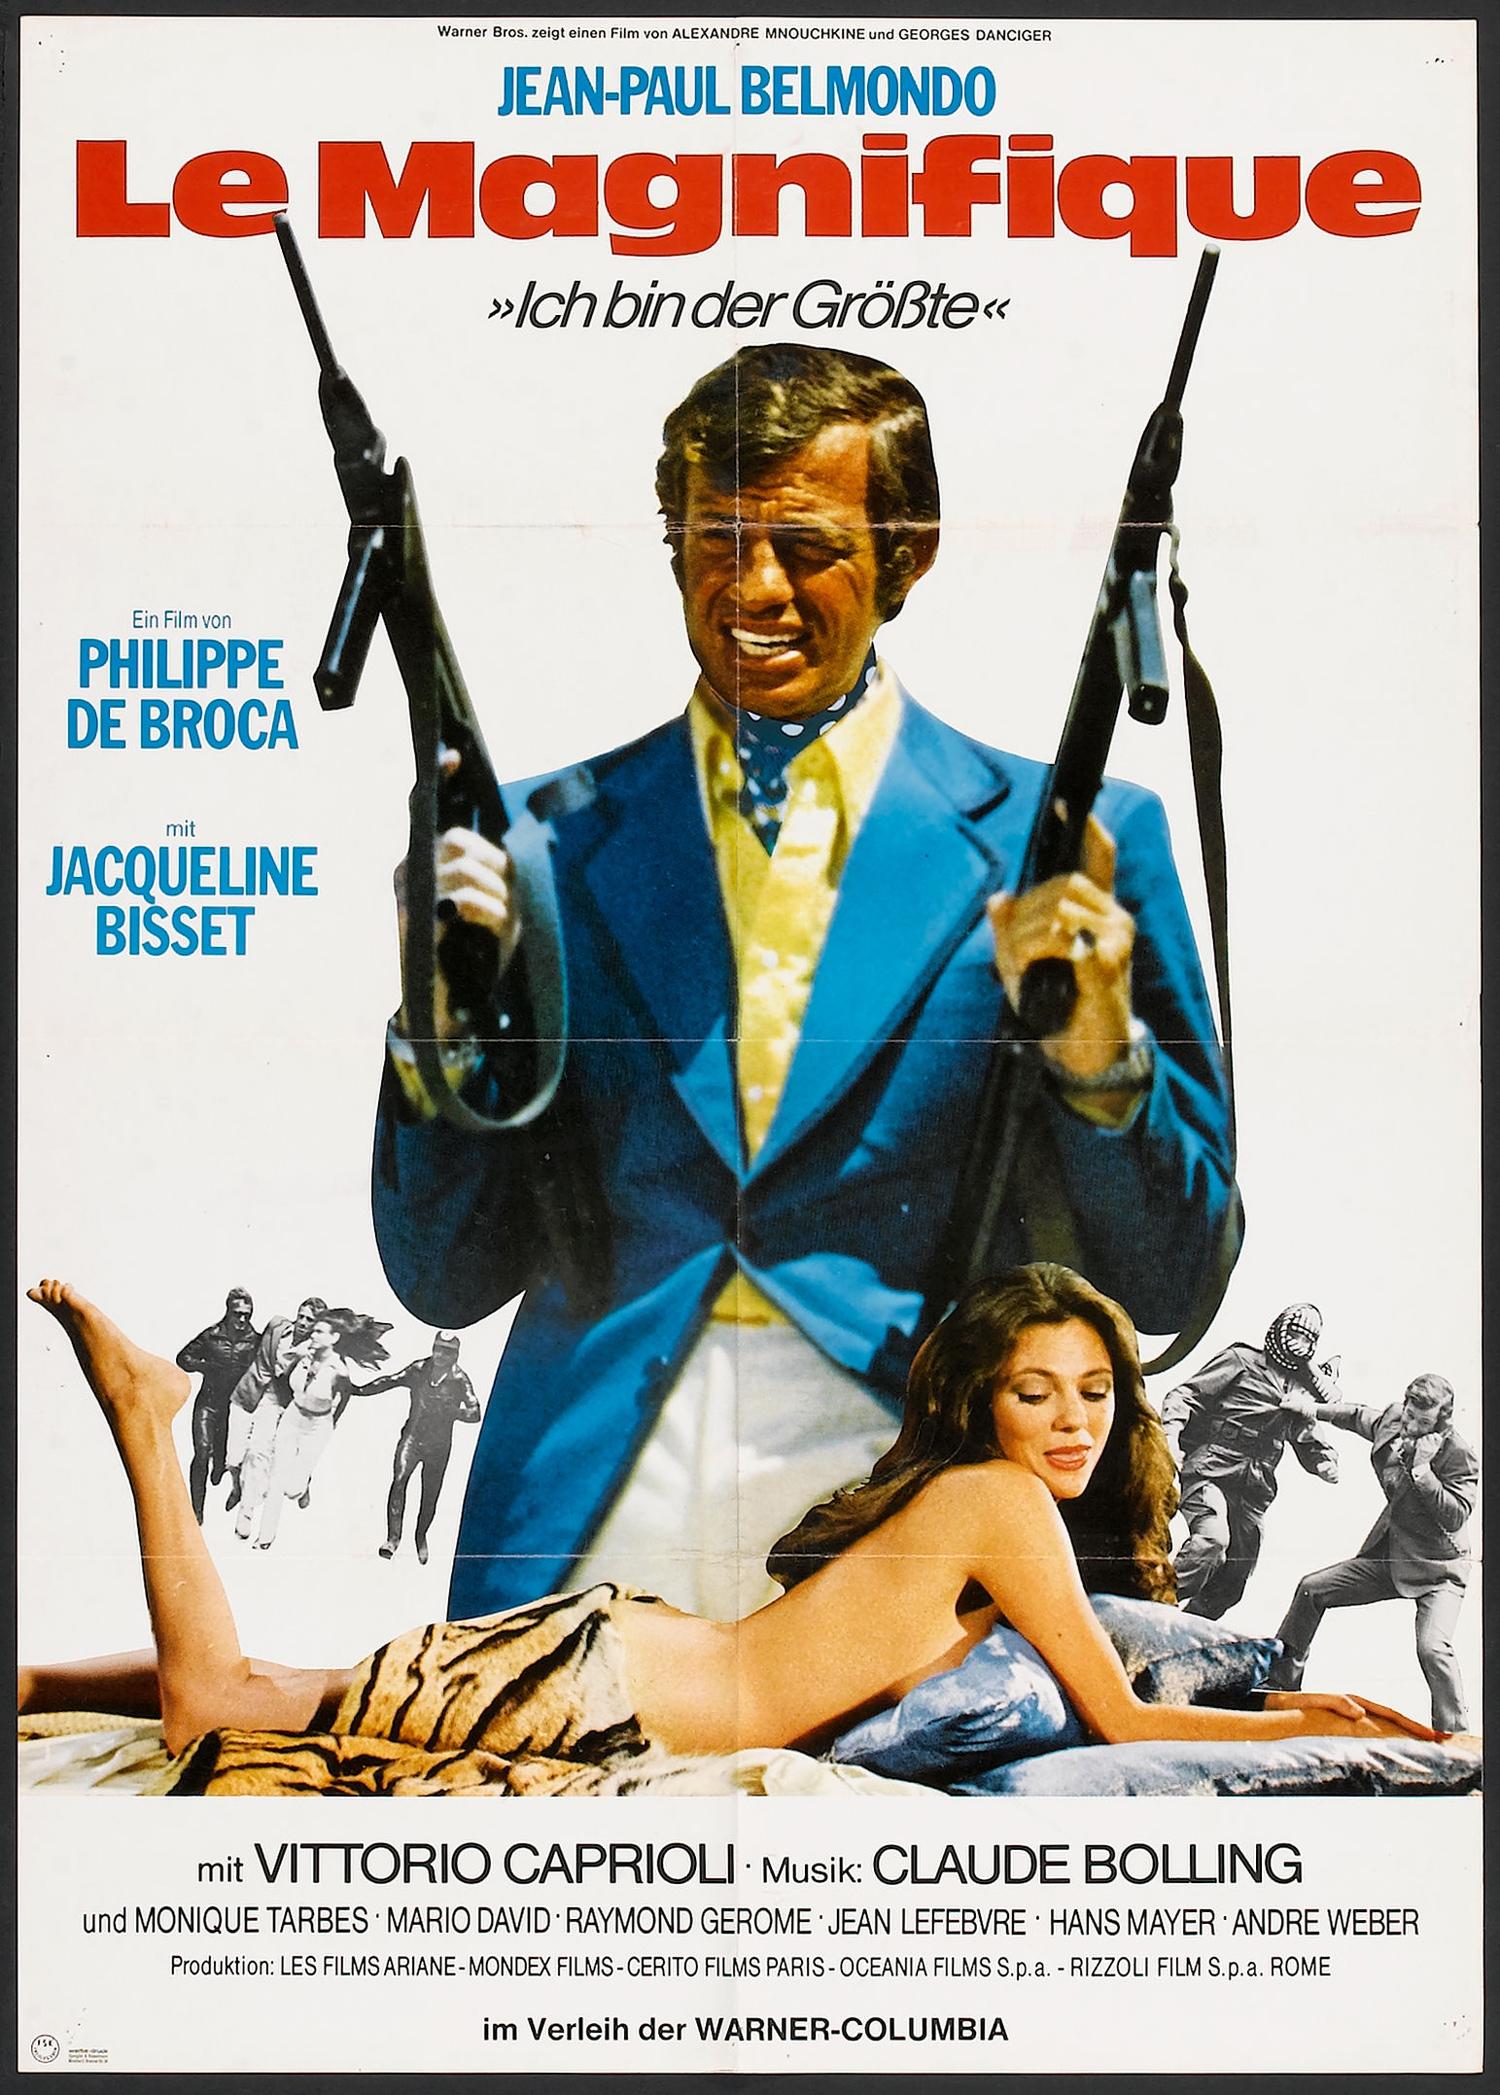 Affiche allemande du film Le Magnifique de Philippe de Broca et avec Jean-Paul Belmondo